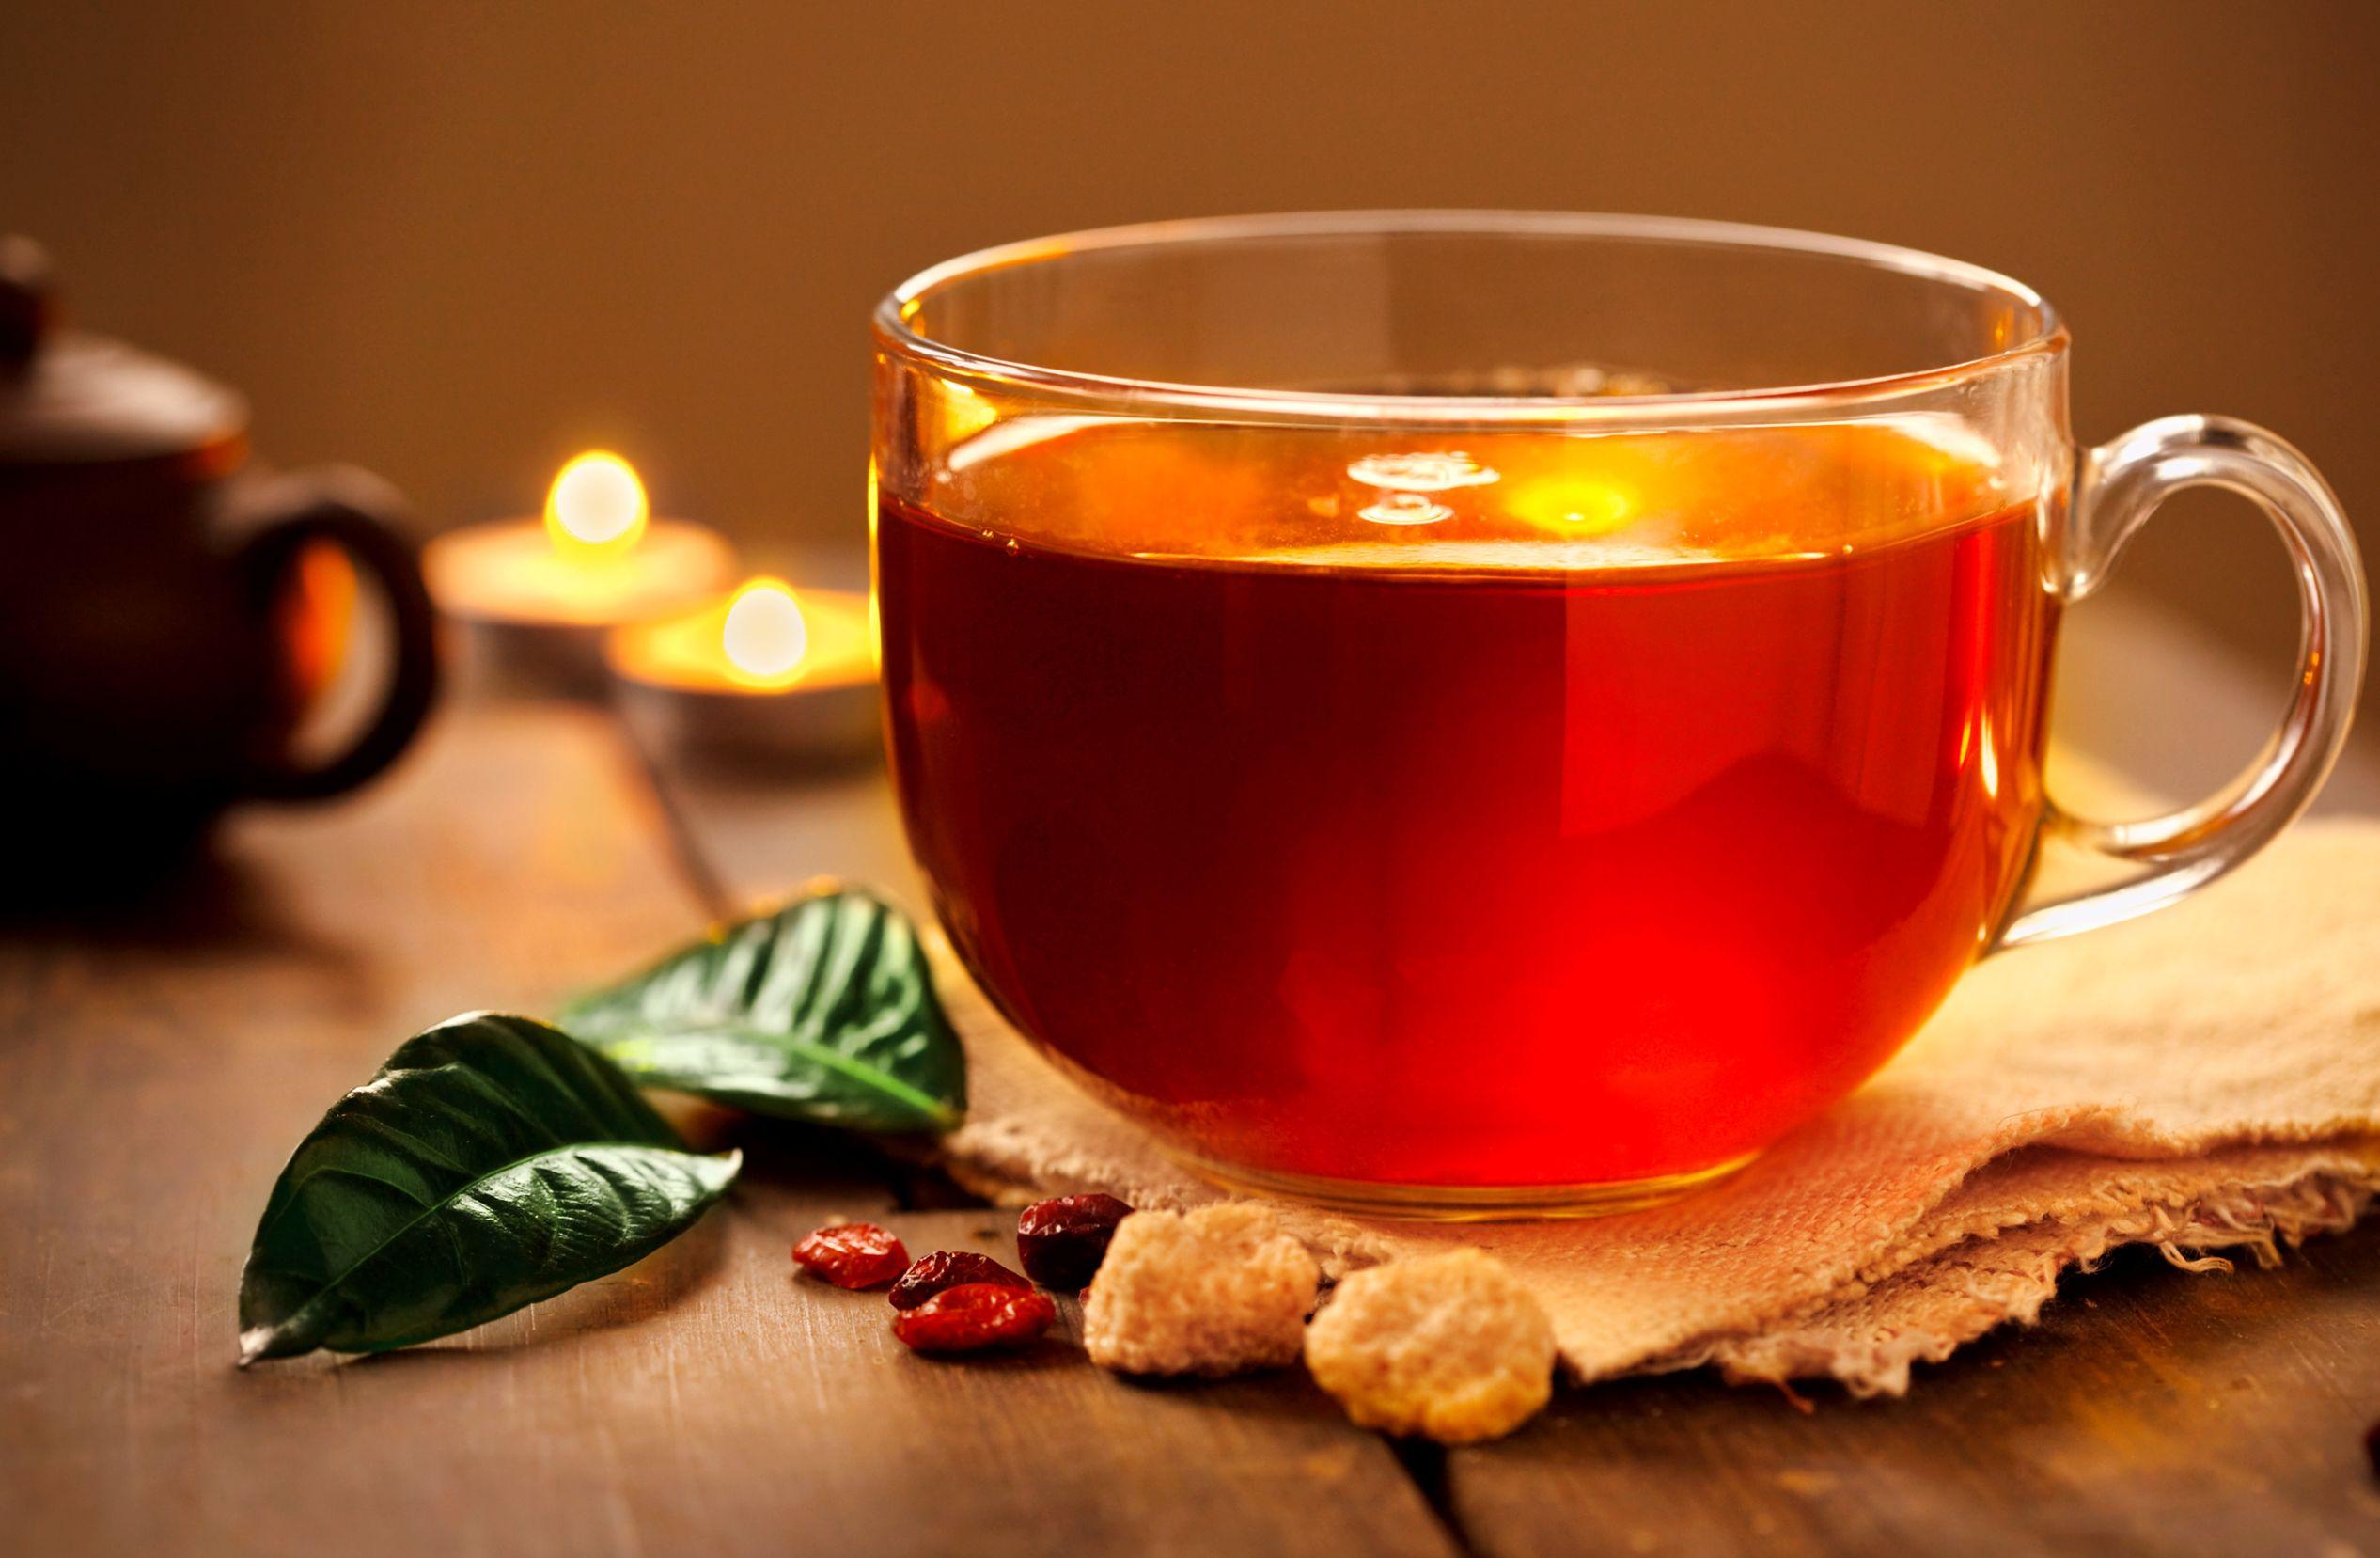 Чай спасает от давления. Как это работает?